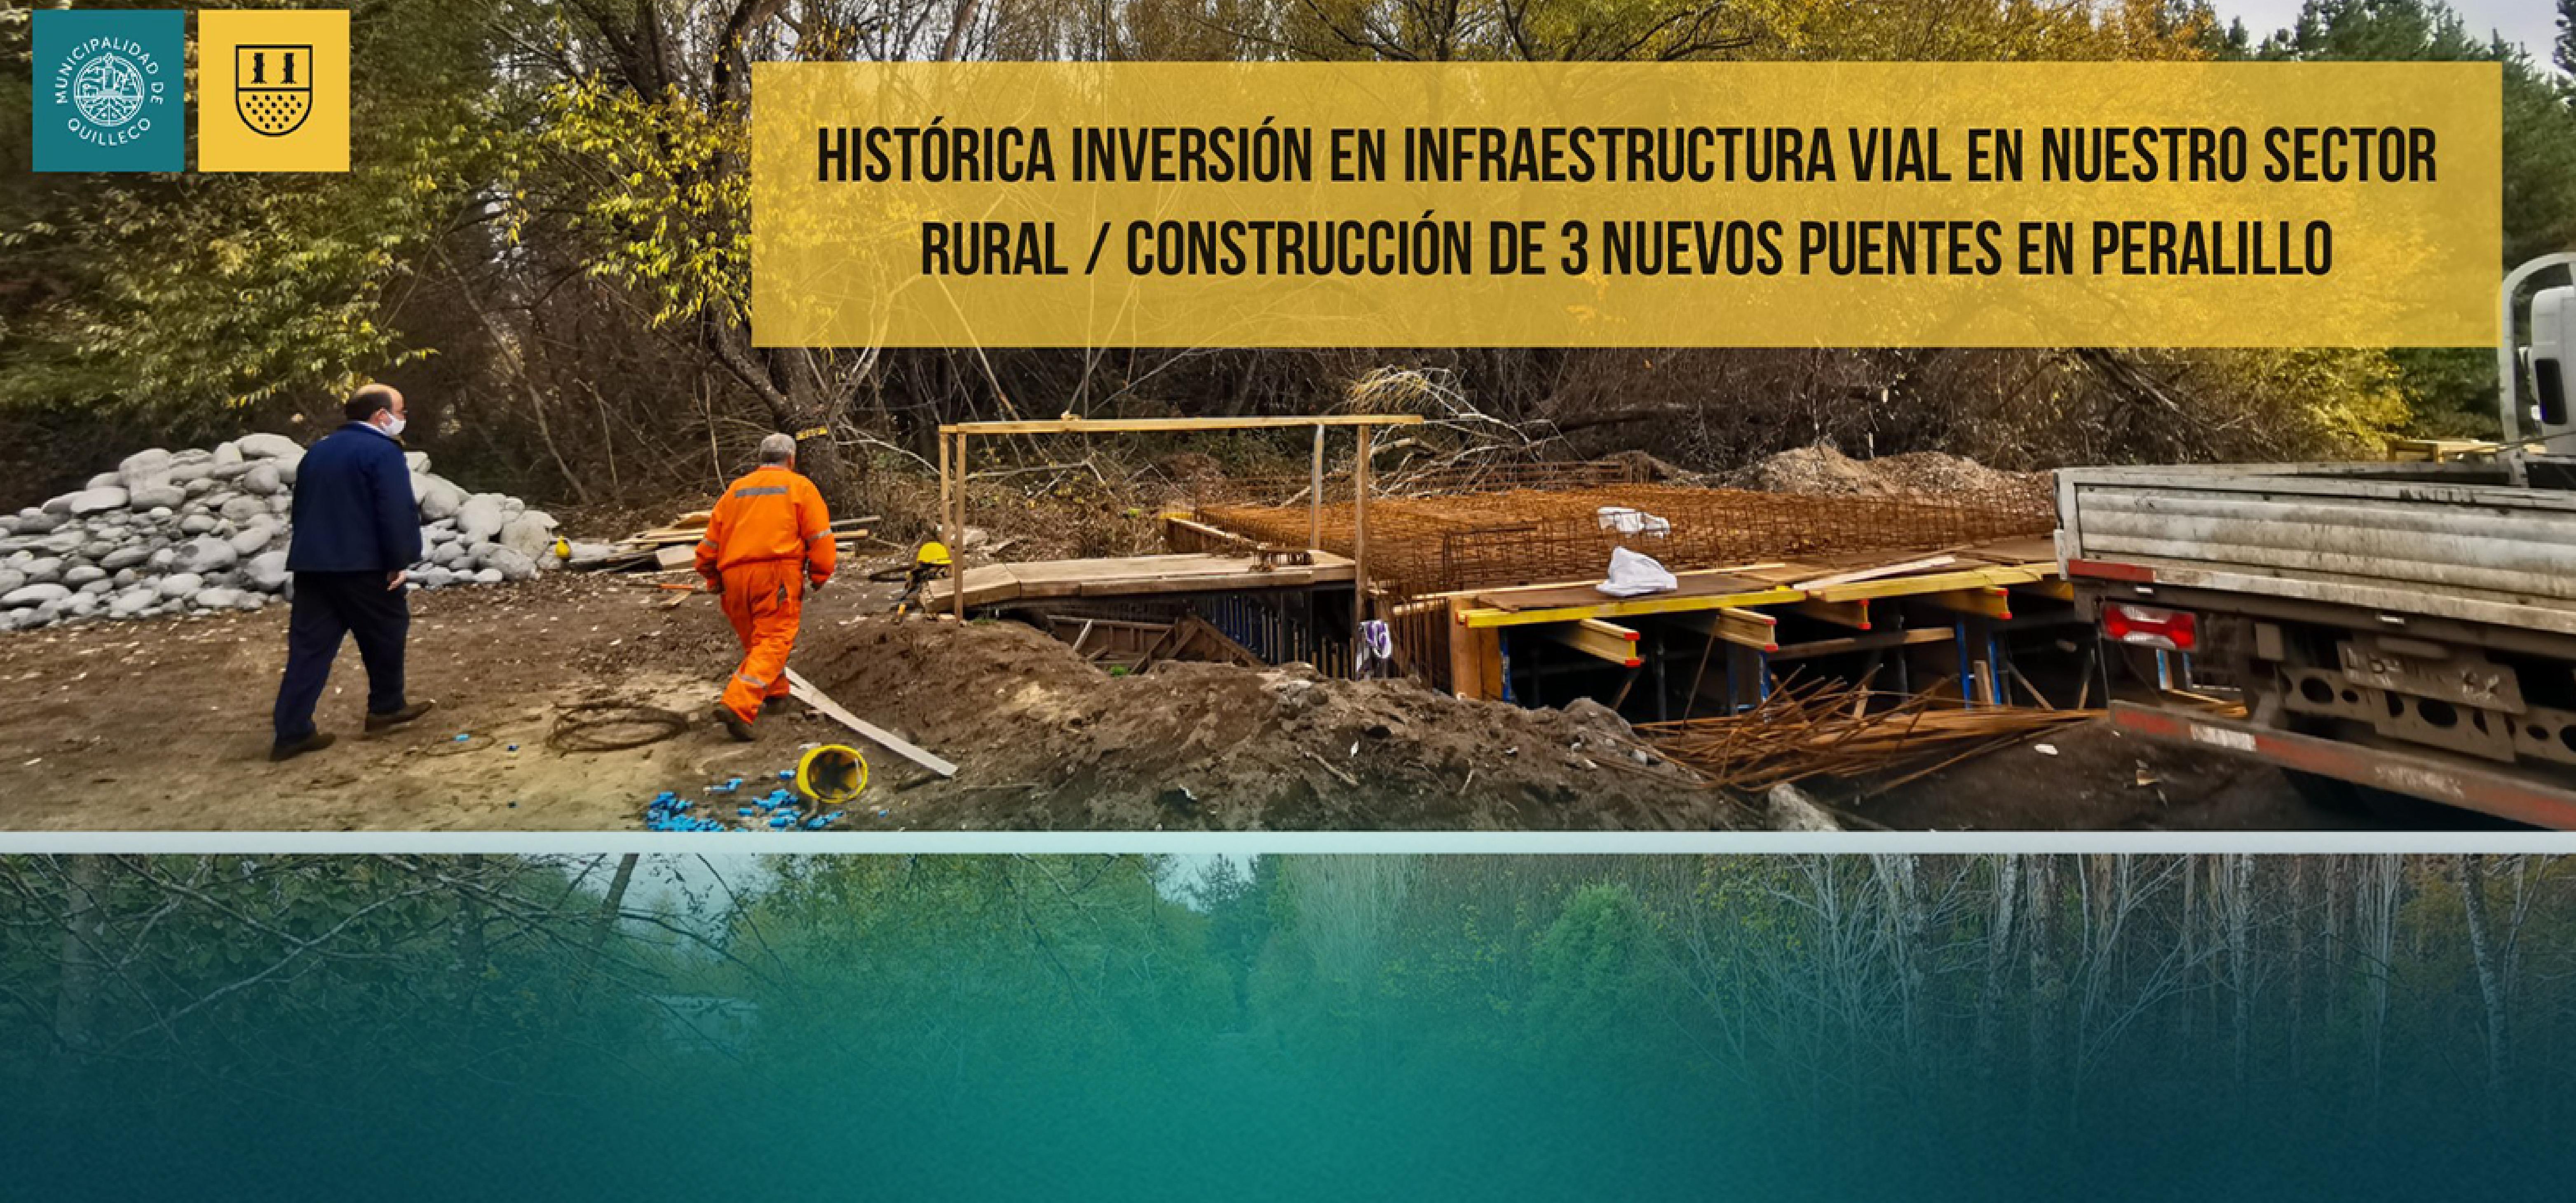 HISTÓRICA INVERSIÓN EN INFRAESTRUCTURA VIAL EN NUESTRO SECTOR RURAL / Construcción de 3 nuevos puentes mejorarán notablemente la conectividad de Peralillo.